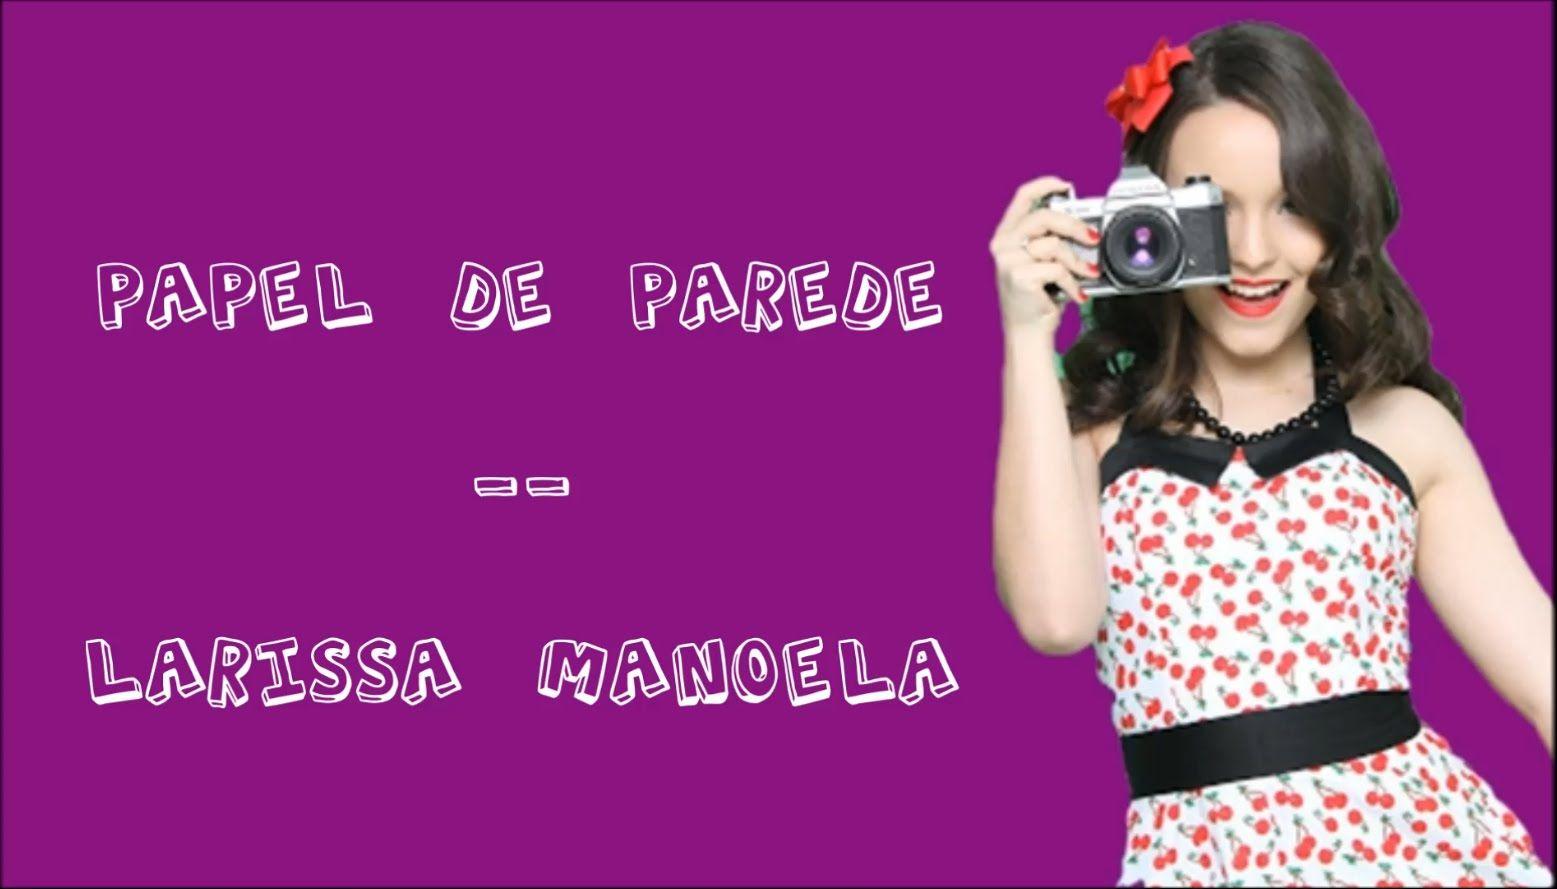 e19e7d8fae551 Papel De Parede (Com Letra) - Larissa Manoela   fotos da minha fã ...